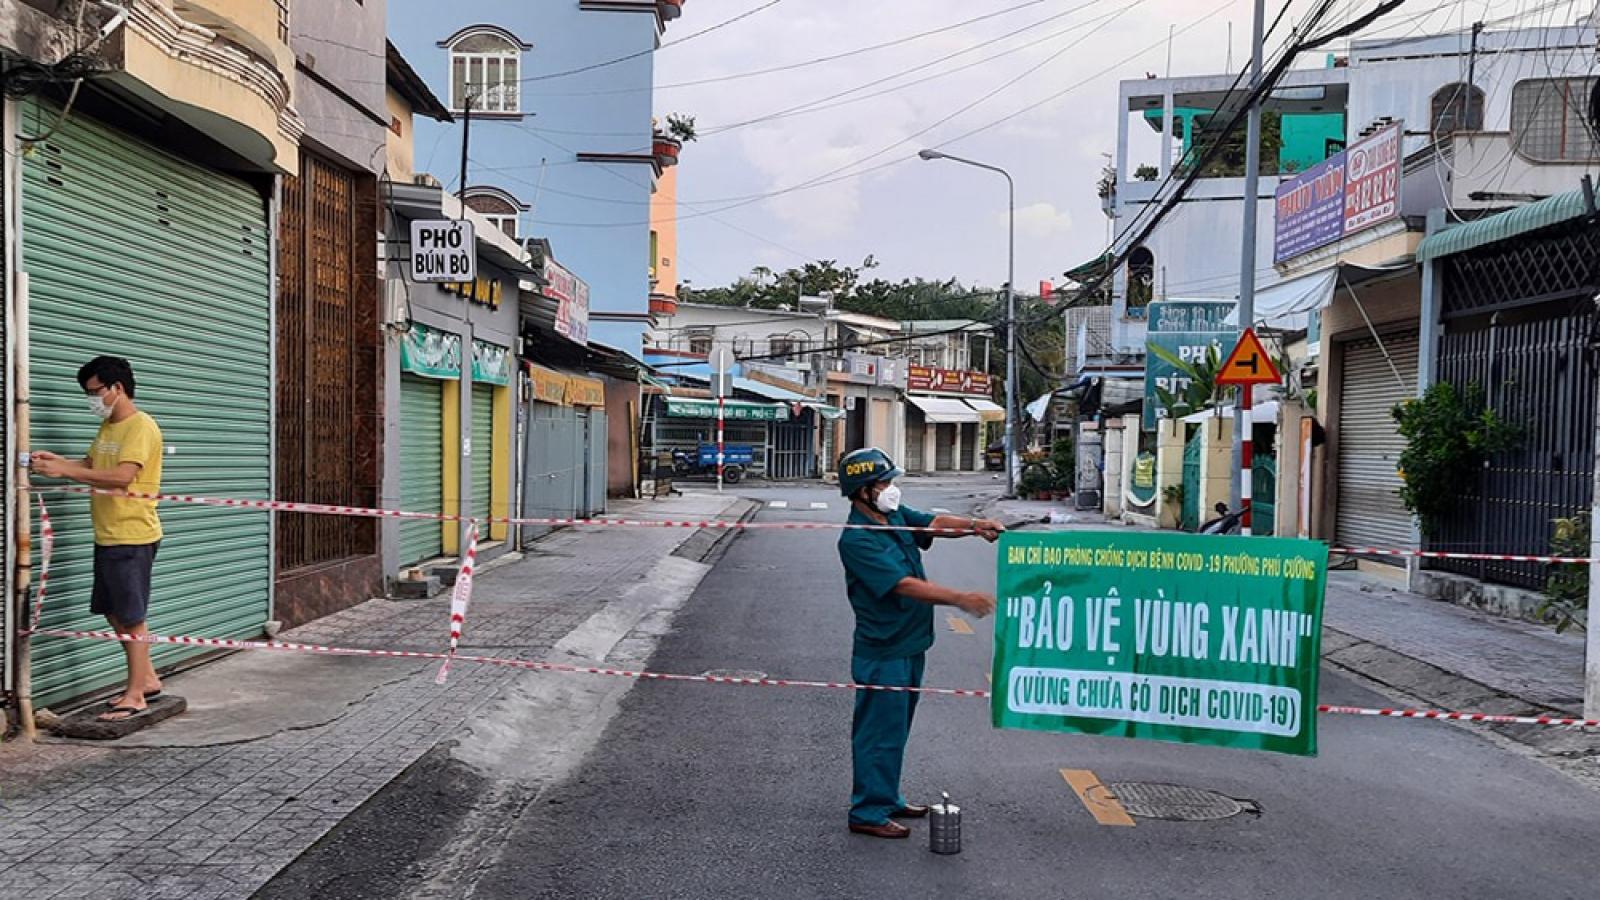 Cơ sở ăn uống, siêu thị ở TP. Thủ Dầu Một, tỉnh Bình Dương được phép mở cửa trở lại